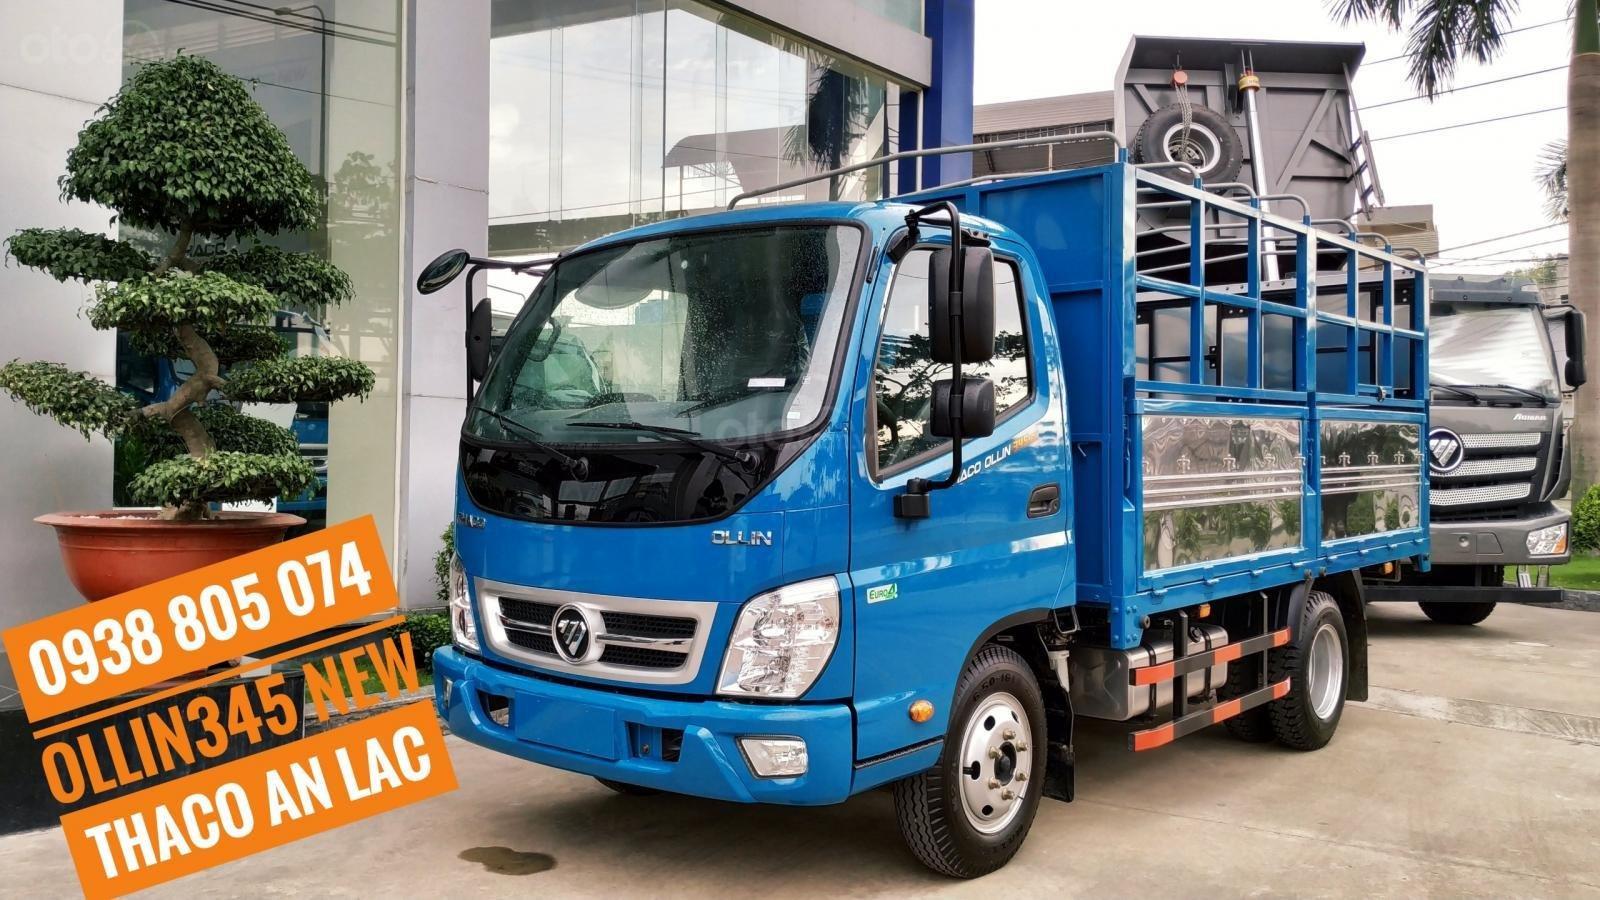 Bán xe tải Thaco Ollin 345. E4 - EURO 4 - tải 2 tấn 4 - mới nhất - hỗ trợ trả góp (1)